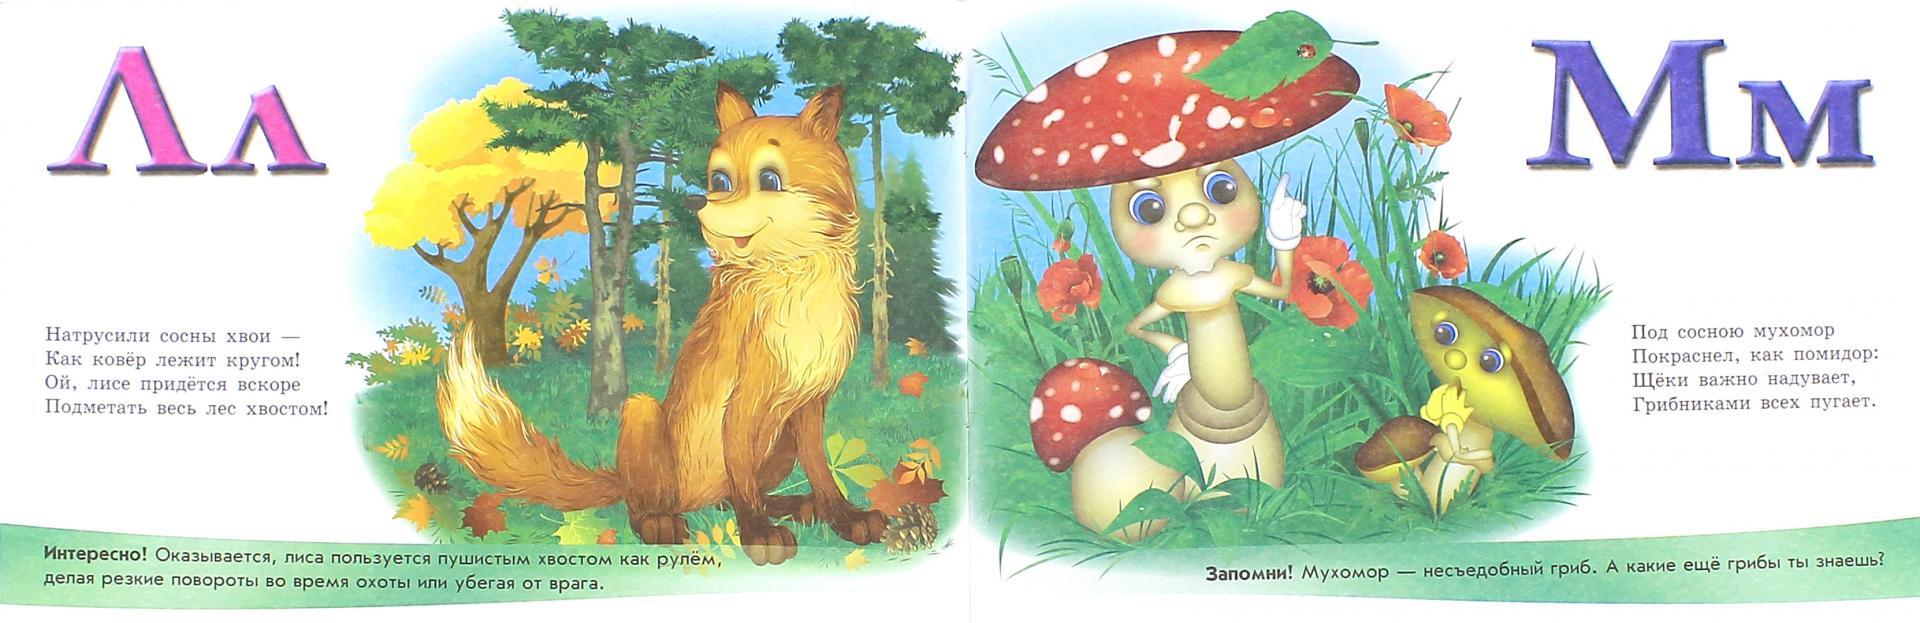 Иллюстрация 1 из 6 для Буковки в лесу - Верховень, Каспарова   Лабиринт - книги. Источник: Лабиринт